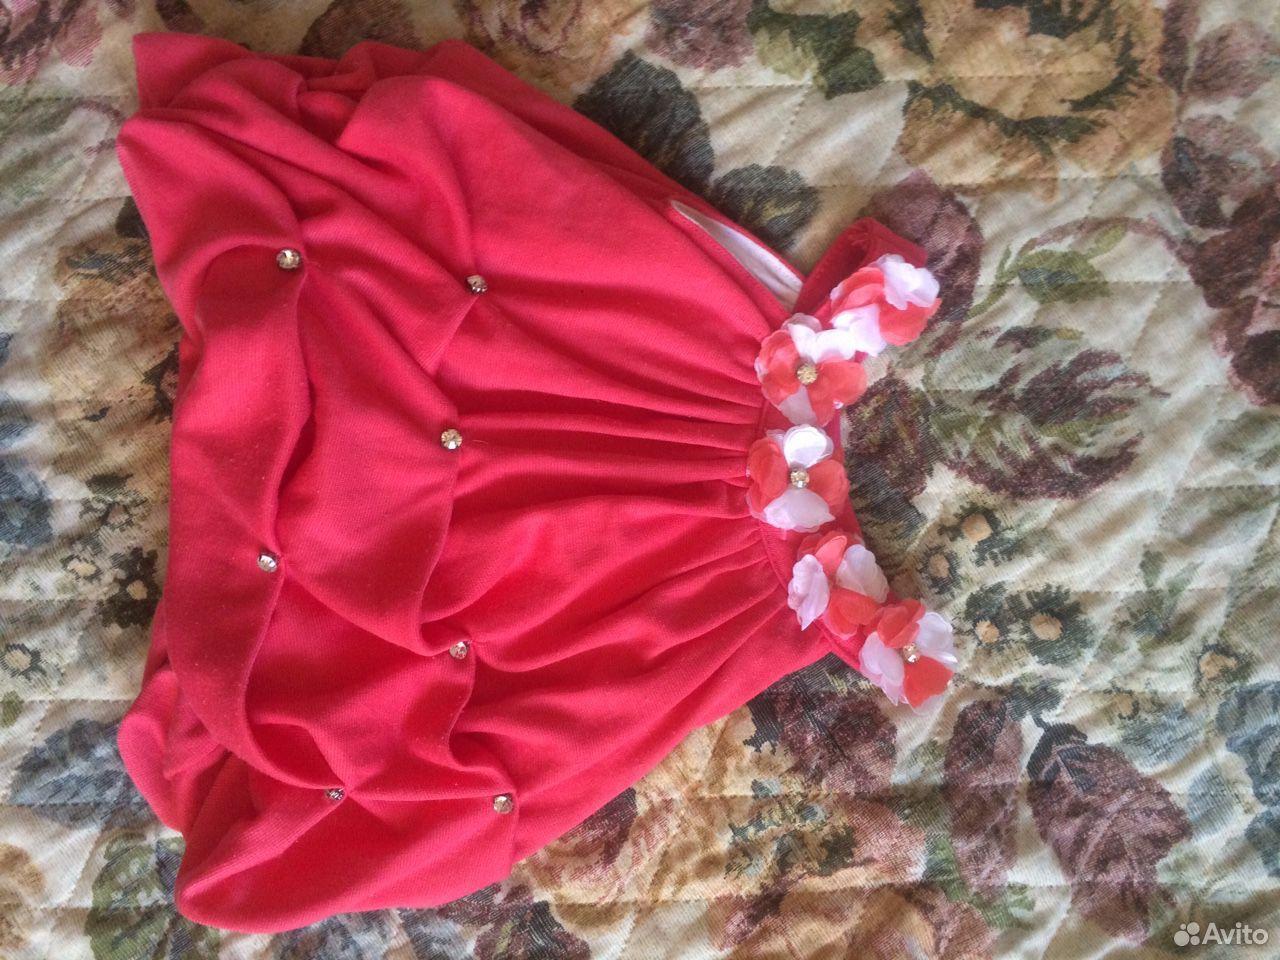 Комбинезон платье крестильный костюм, для выписки 89536188992 купить 5